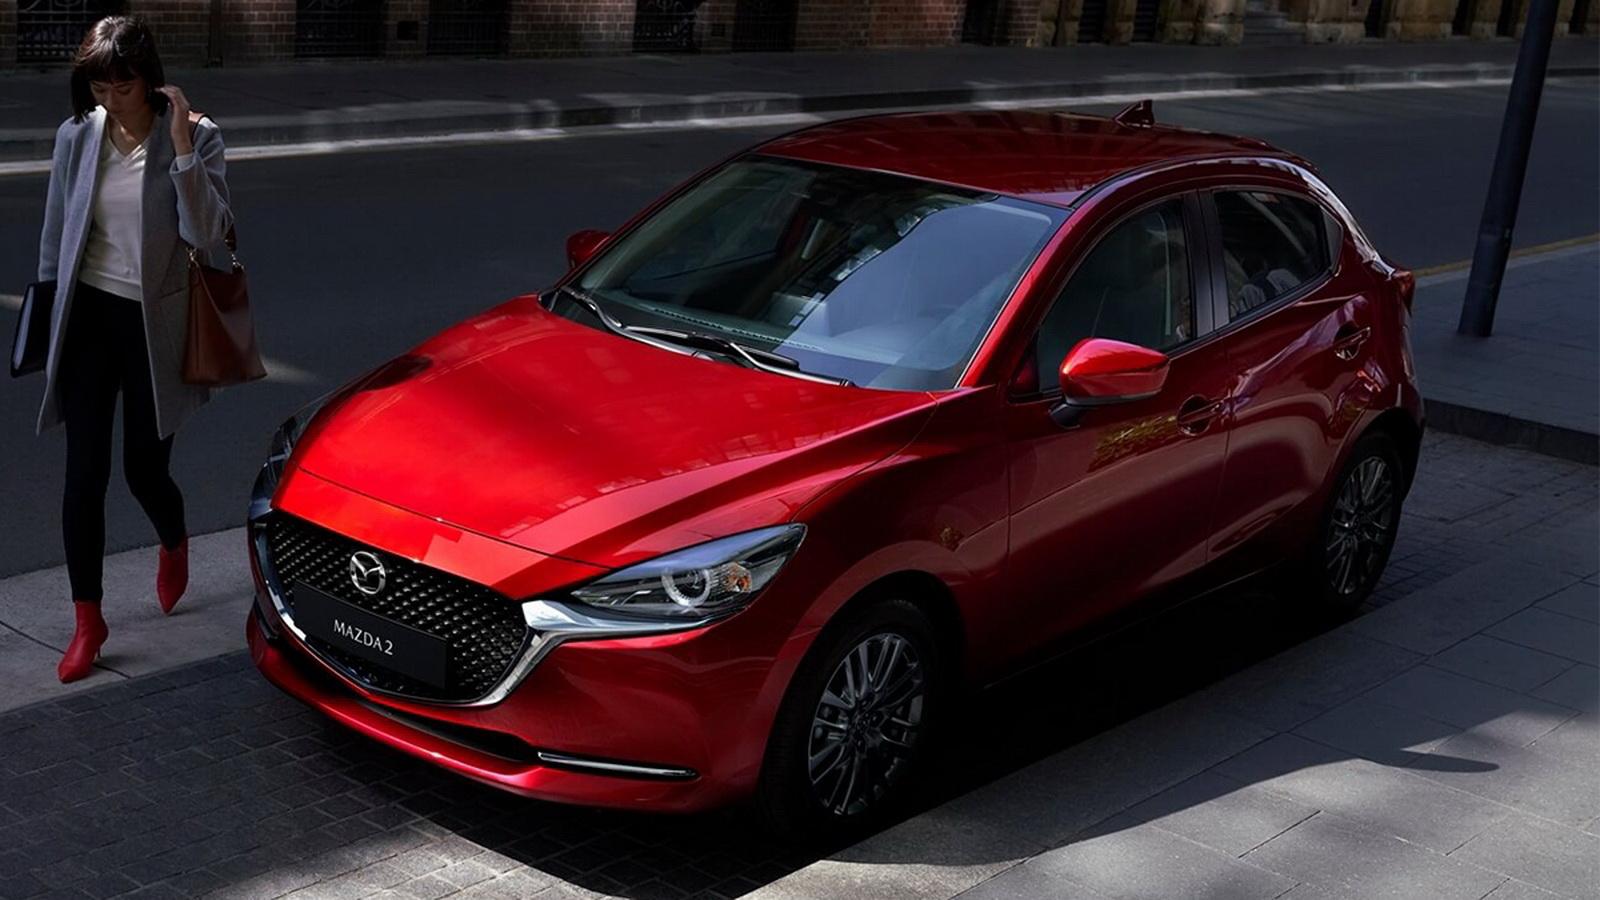 圖/2020 Mazda 2 1.5旗艦安全型在車頭富運動氣息的黑色網狀水箱護罩,輔以全新設計的LED頭燈組,讓整體視覺感更顯氣勢。